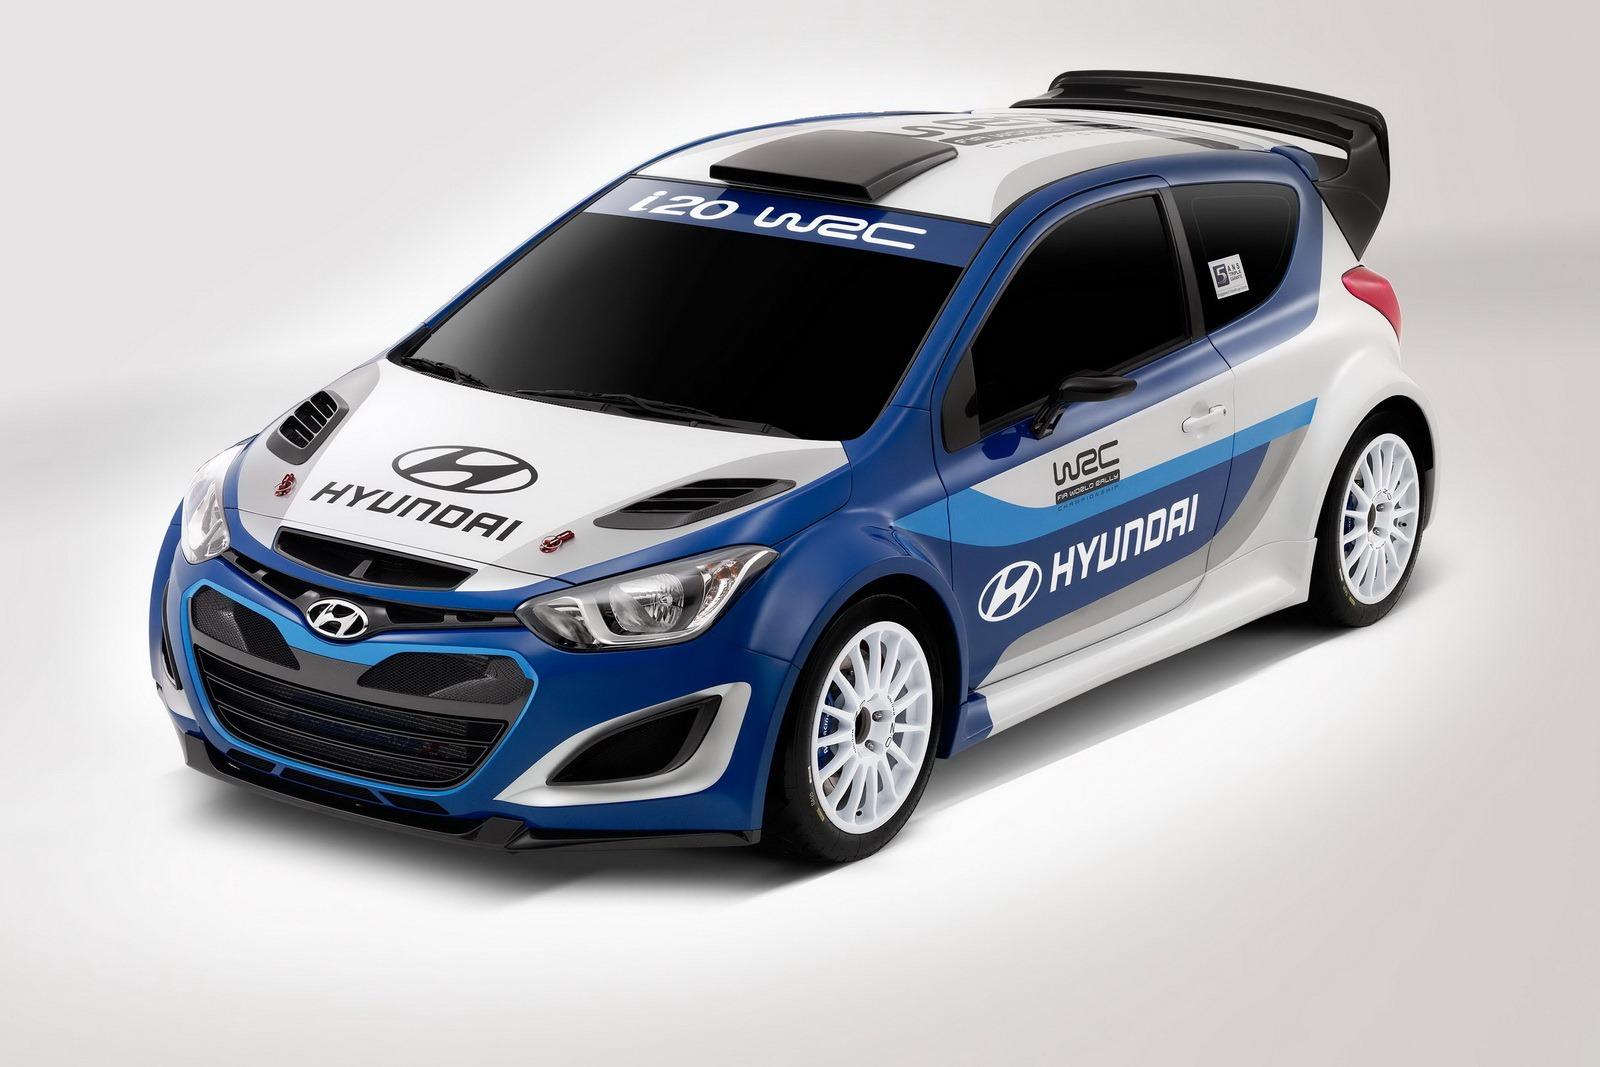 http://4.bp.blogspot.com/-5RHbguzPtWE/UGSic0FT3DI/AAAAAAAAA0I/VVgmZ4oBf2c/s1600/Hyundai+i20+WRC+HD+Wallpaper.jpg